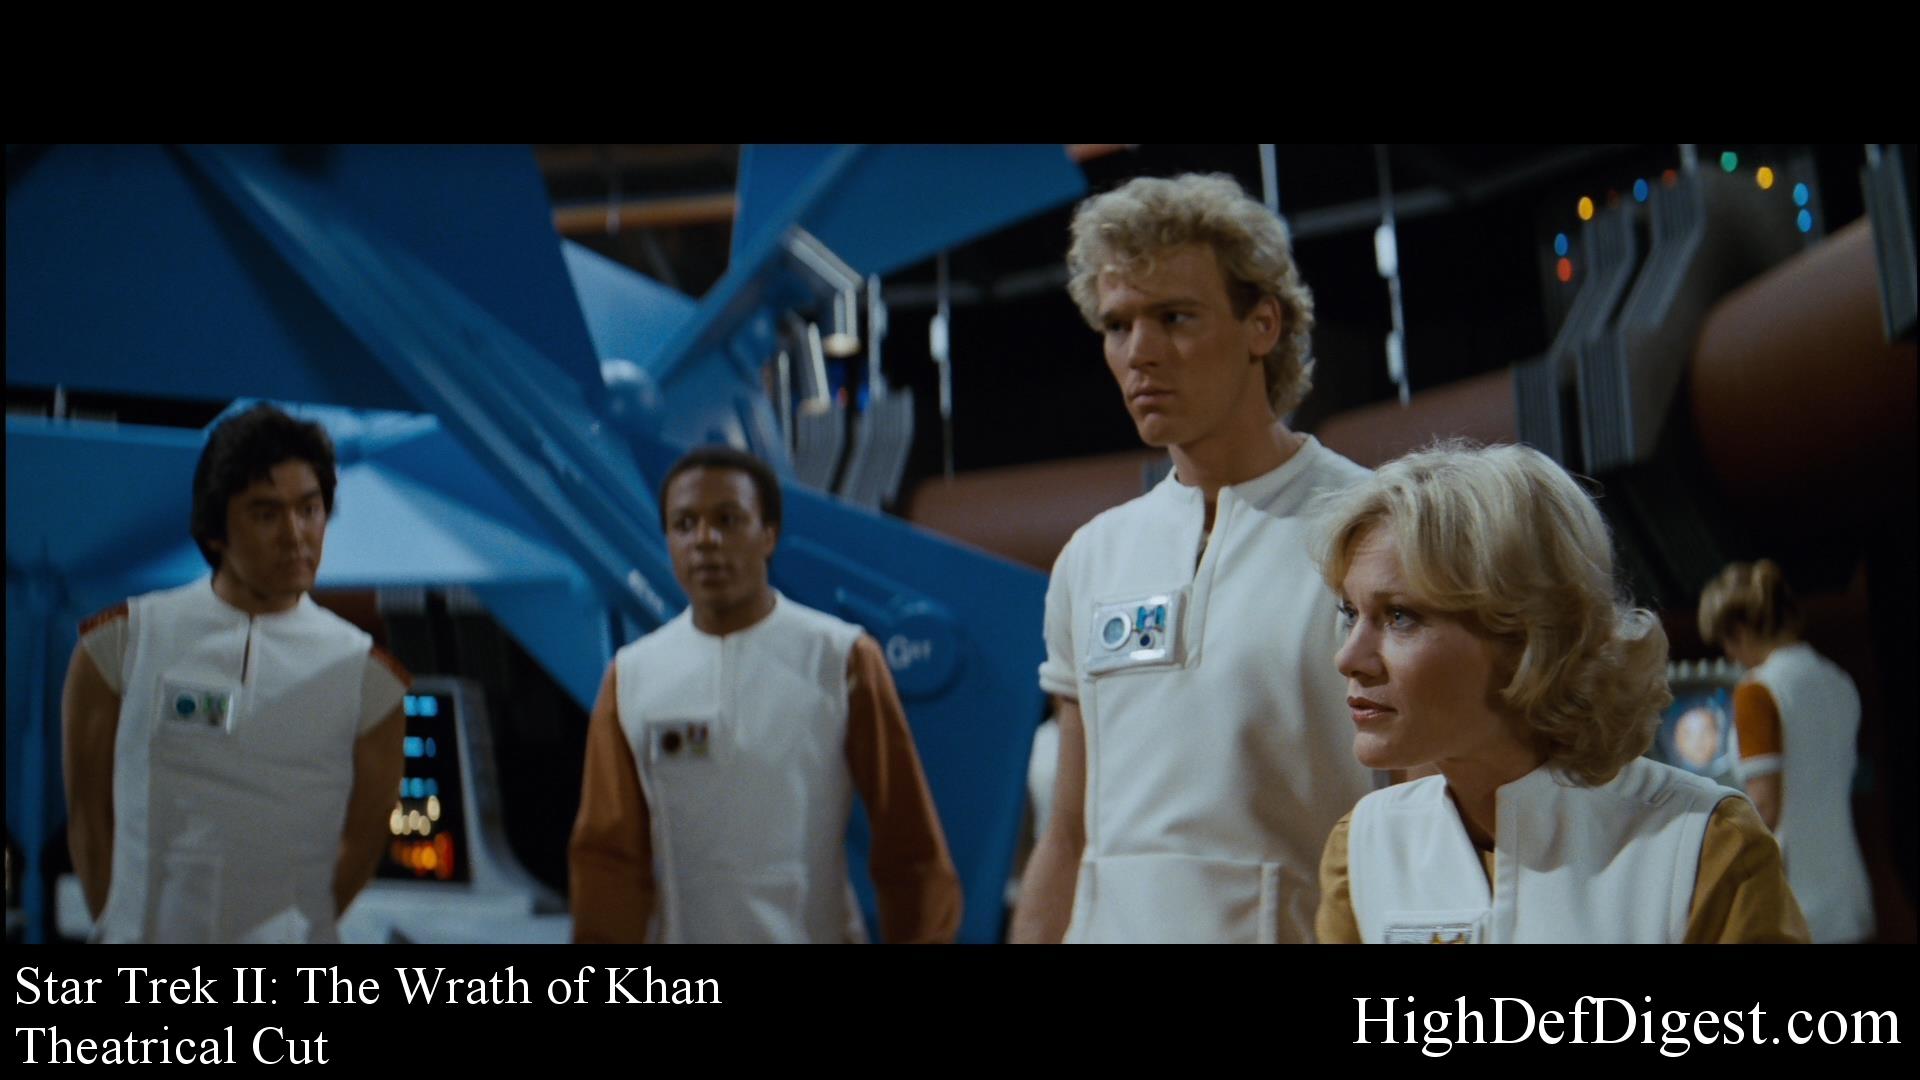 Star Trek: The Wrath of Khan - Comparison 2 (Theatrical Cut)